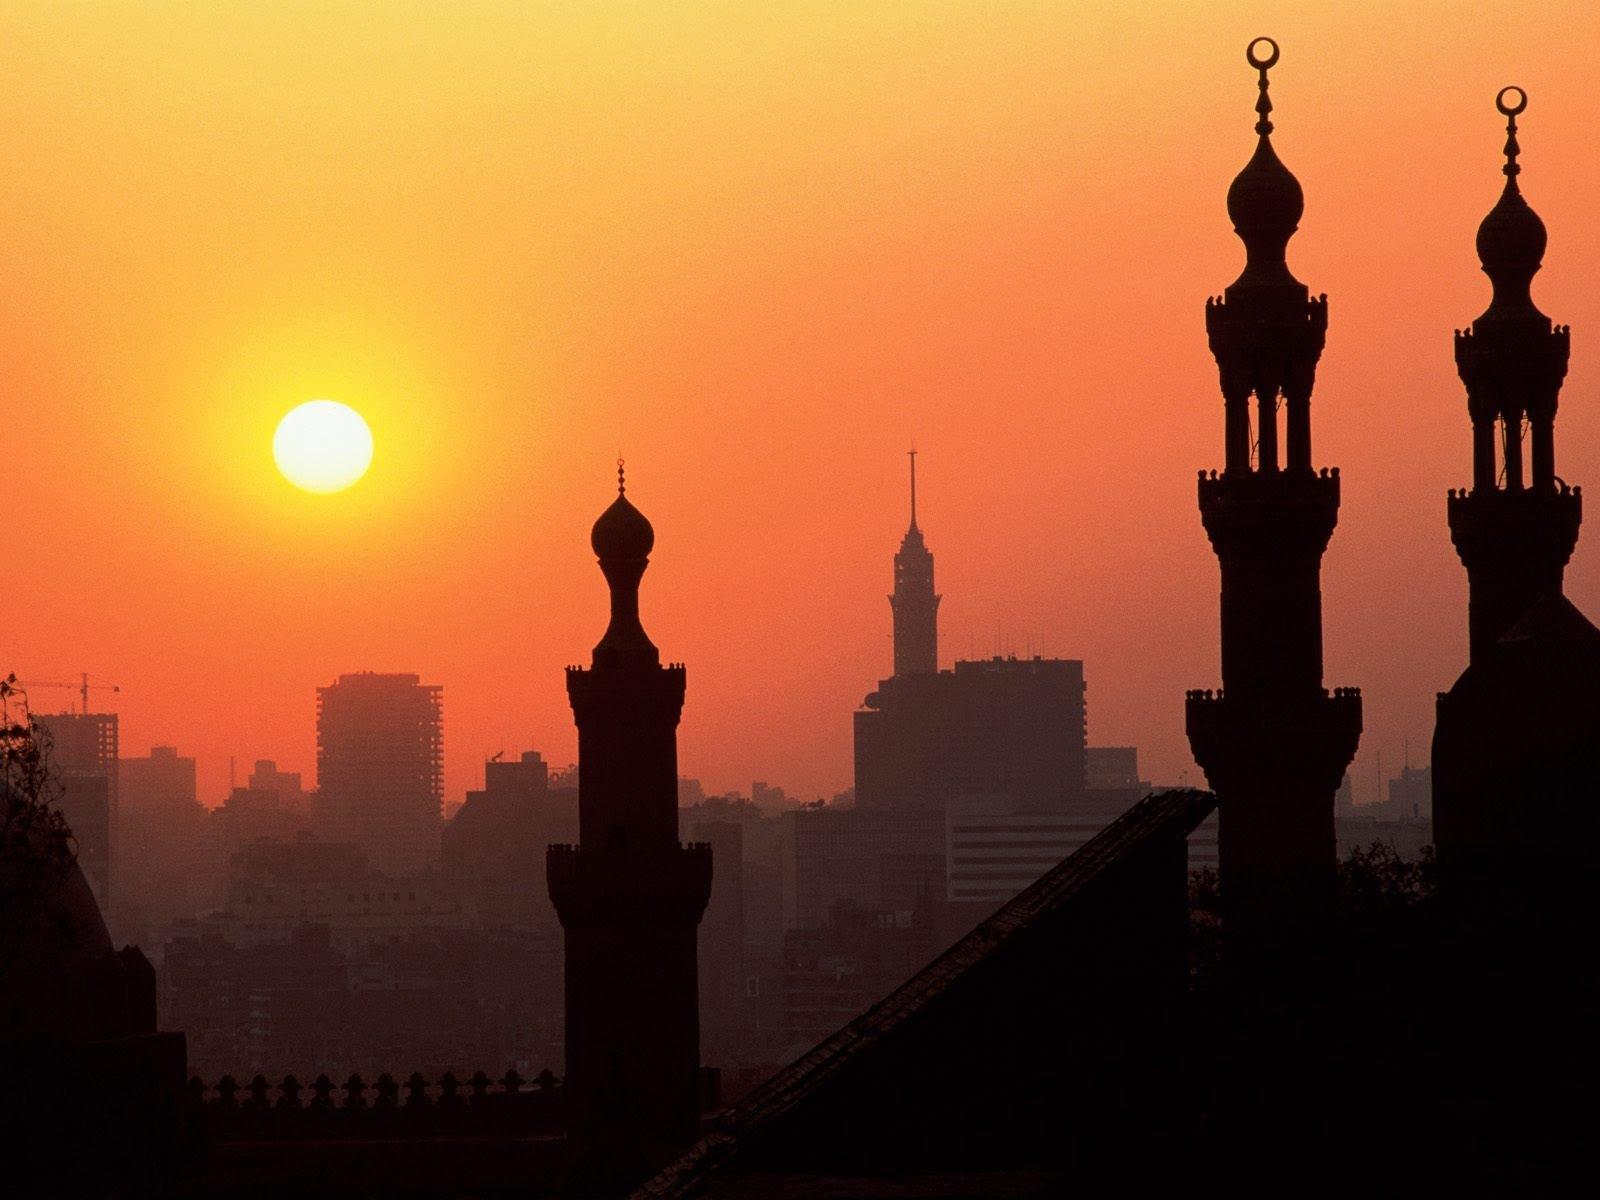 египет-нравы5.jpg